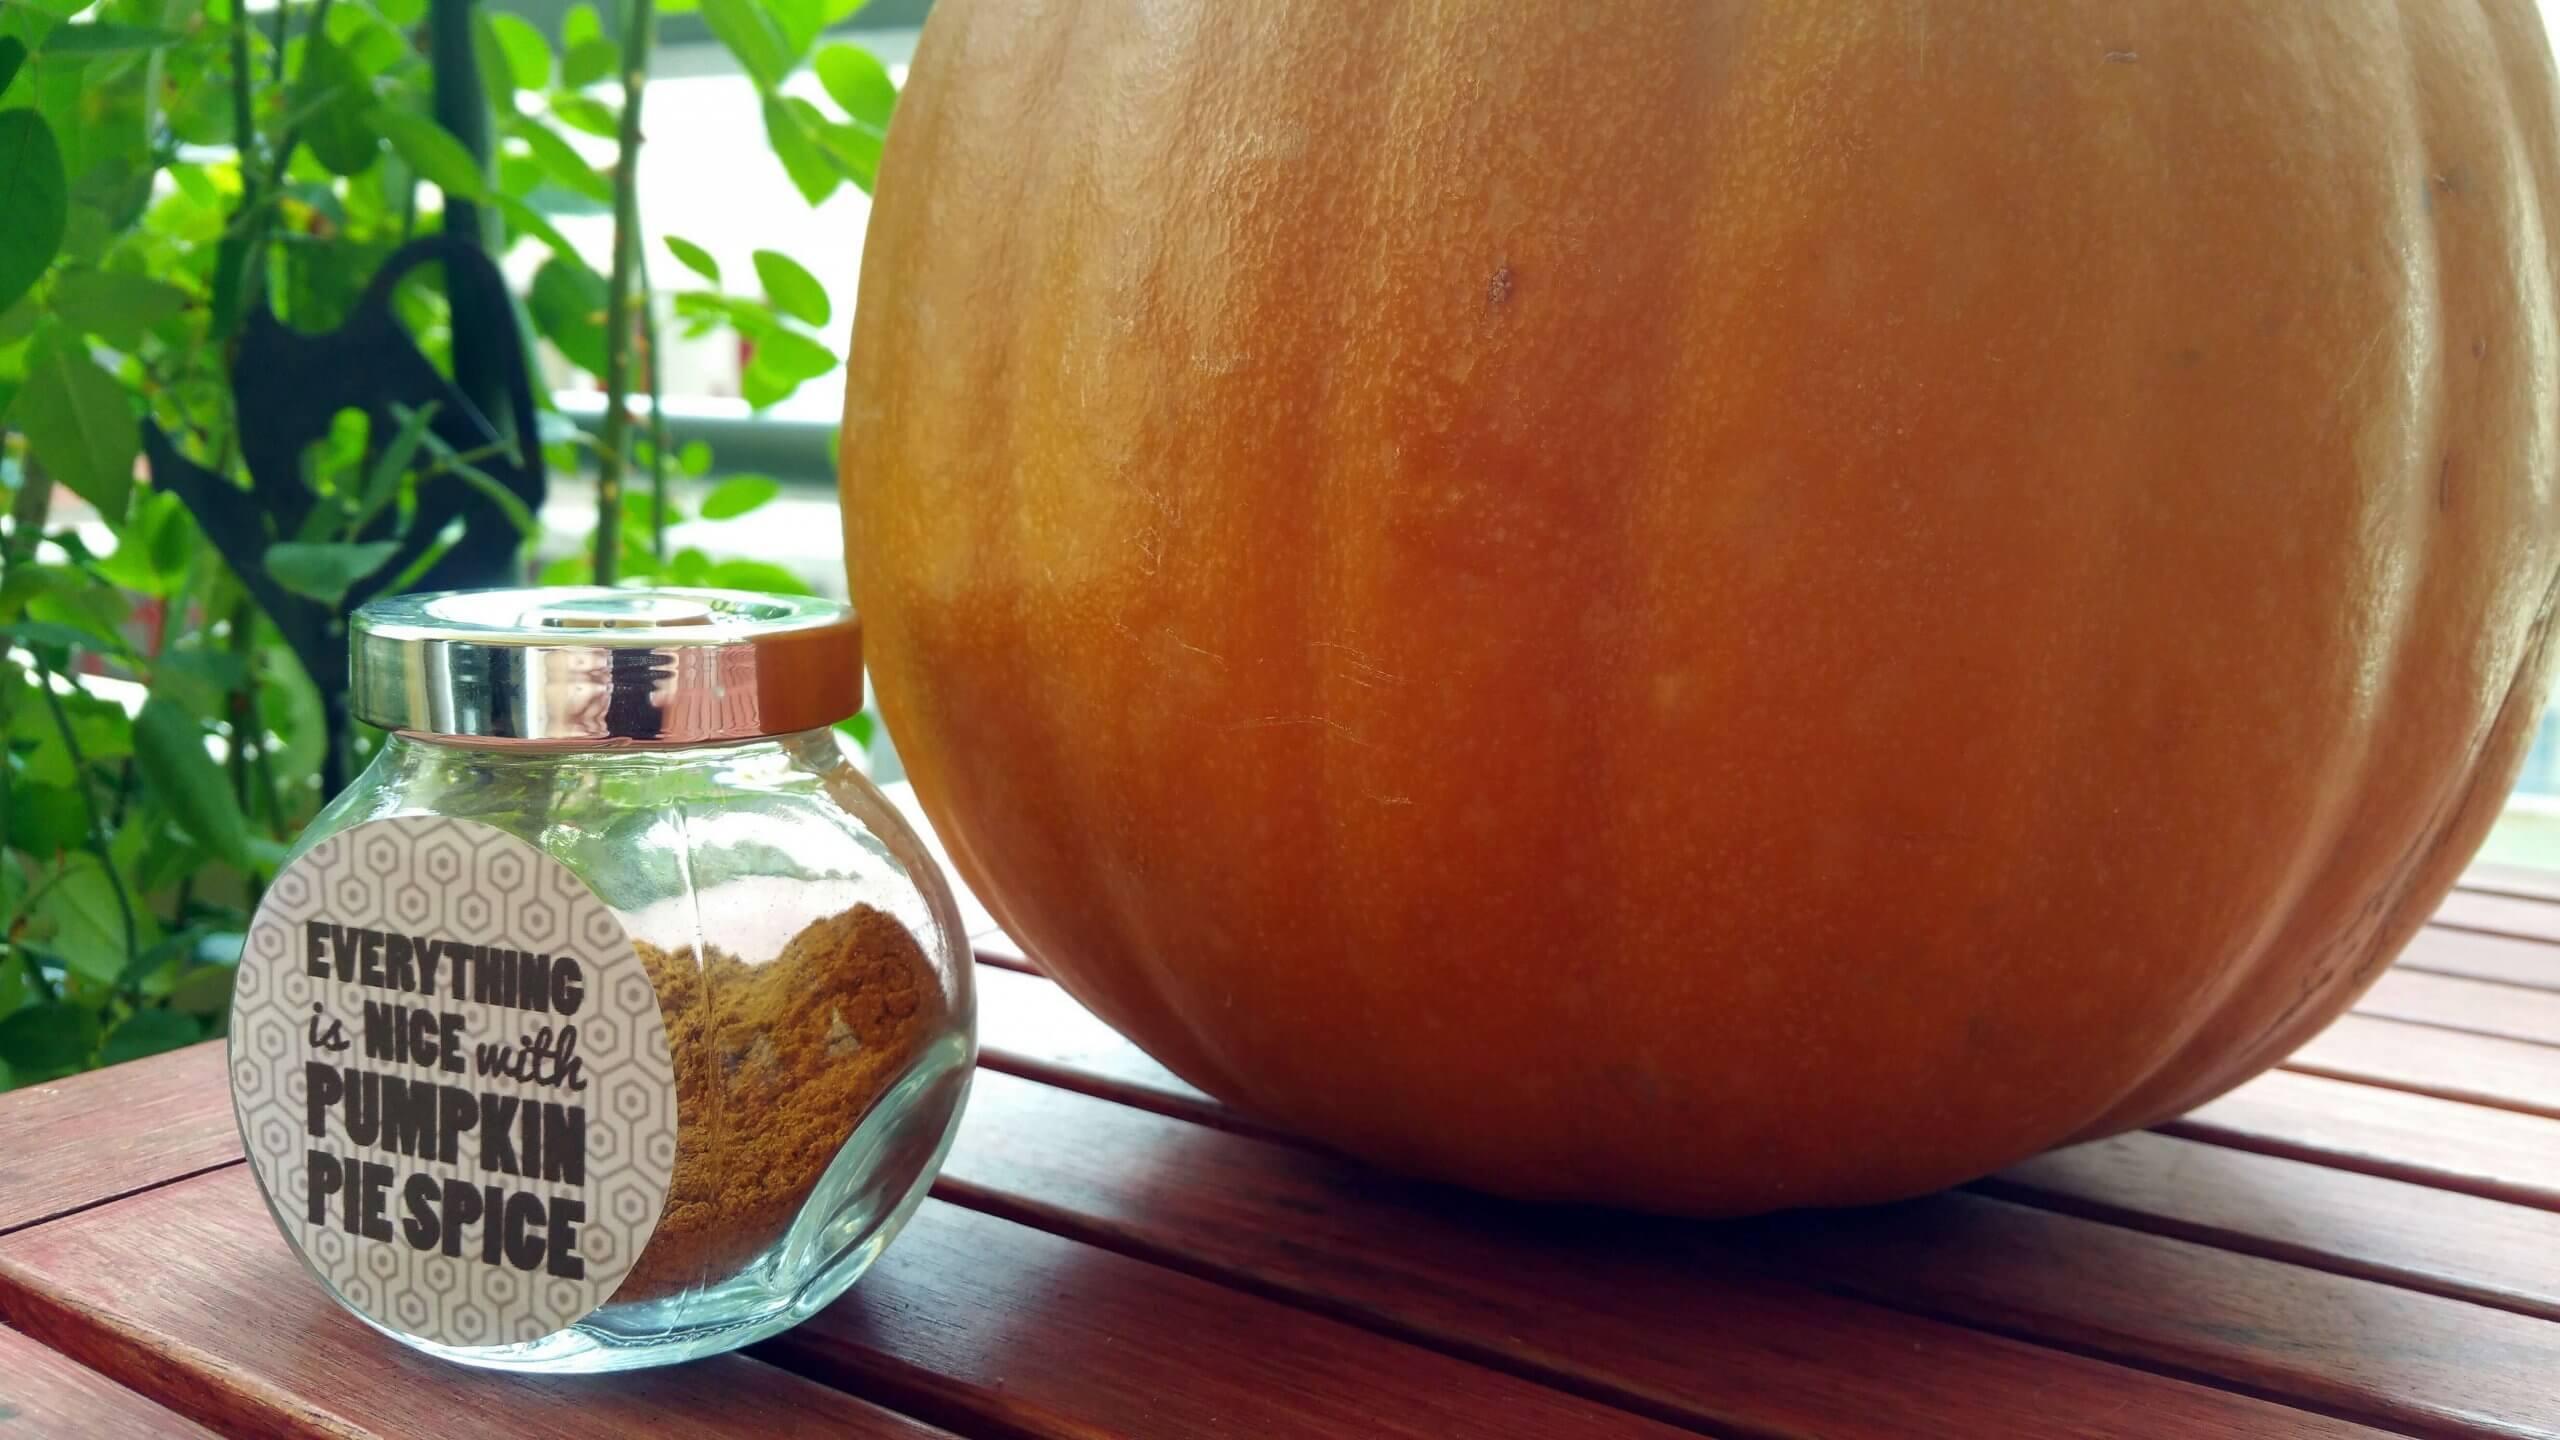 Pumpkin Spice(5)